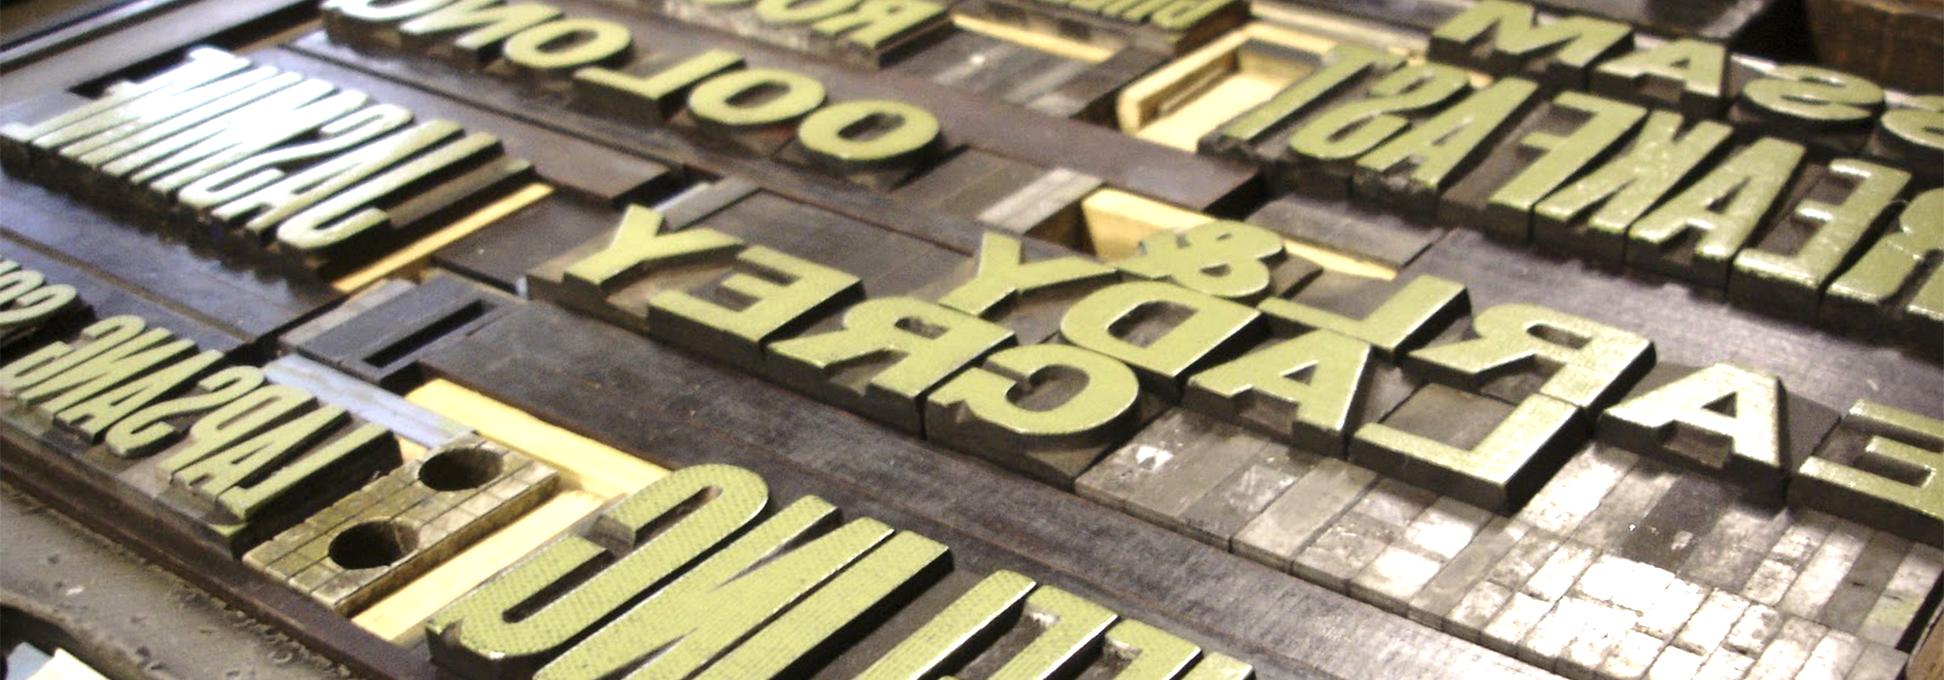 letterpresstechnique-banner